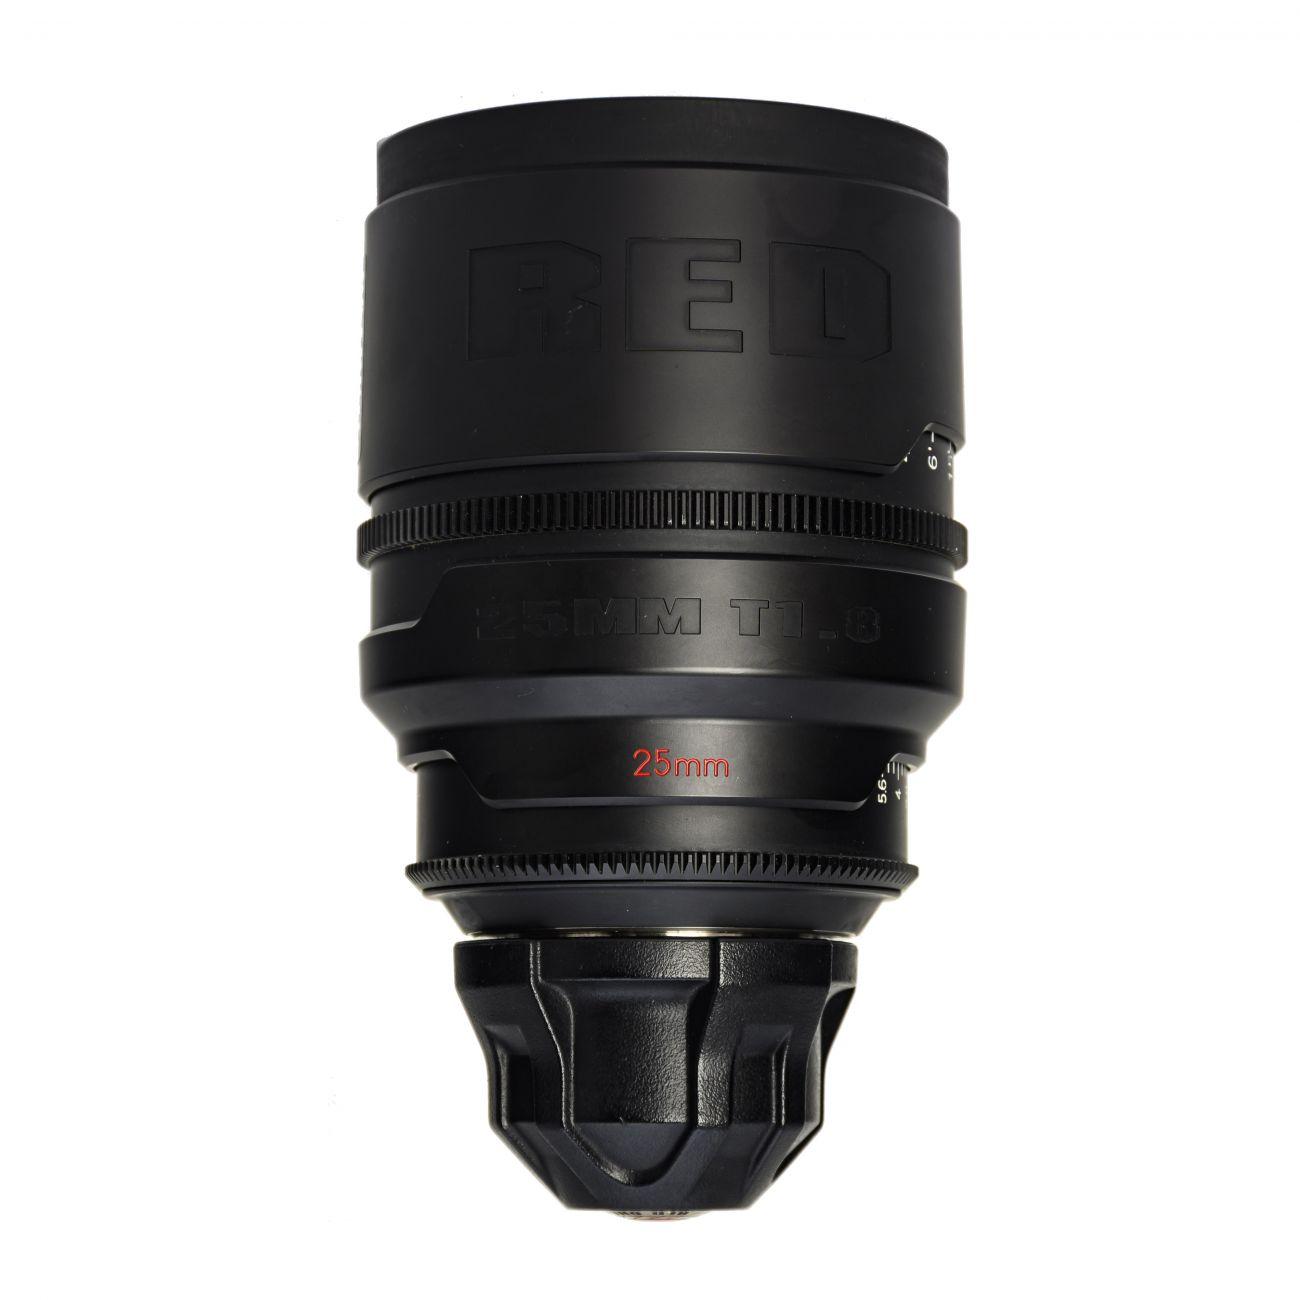 25mm lens RED T1.8 PL-mount